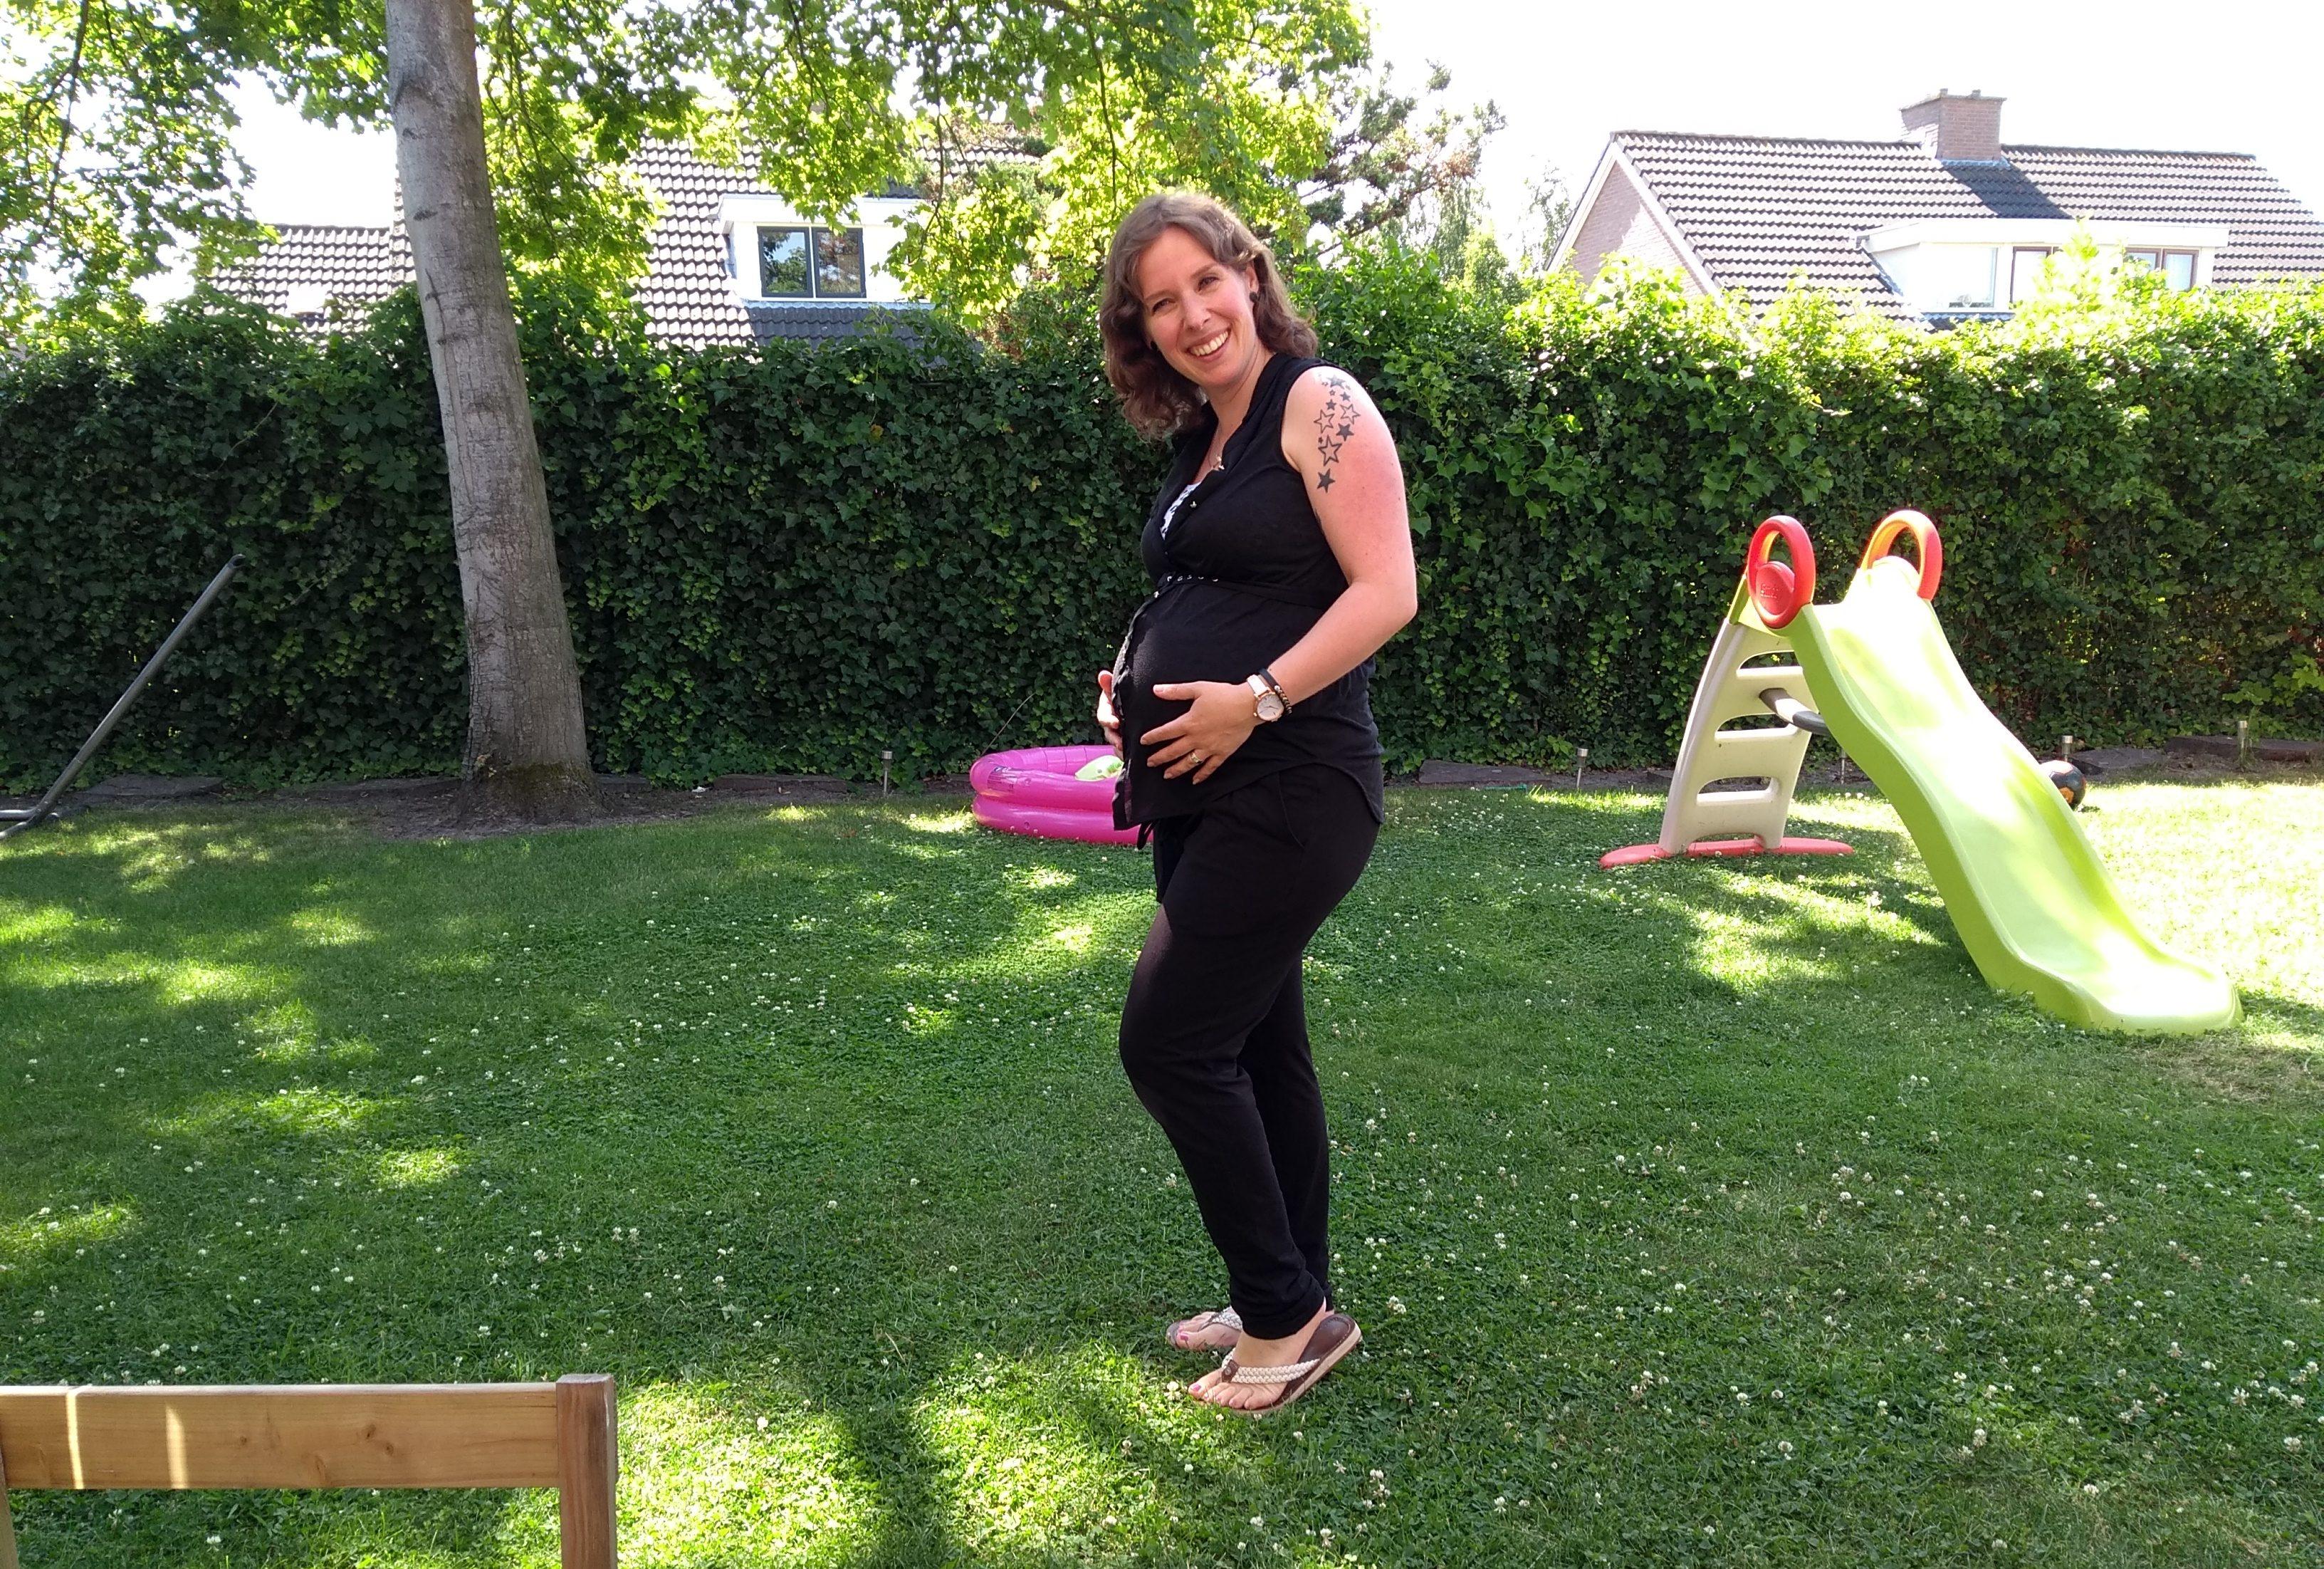 buik, zwanger, zwangerschap, derde zwangerschap, derde kindje, babybuik, pregnant, belly, babybump, mama en zwanger, zo die buik, mamablog, momblog, lalogblog, lalog.nl, lalog